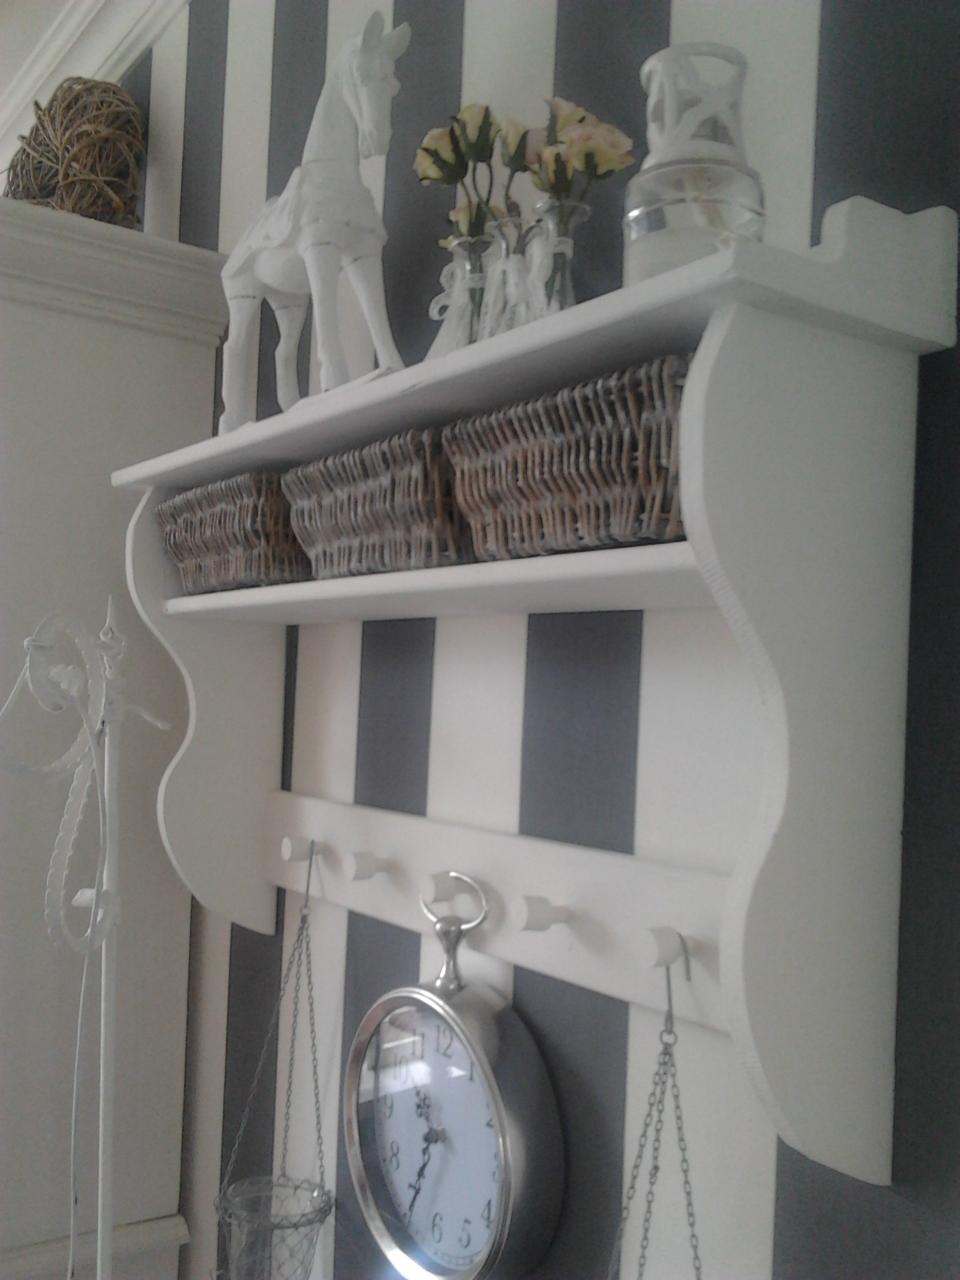 Brocante lifestyle nieuwe inrichting - Oude huisdecoratie ...